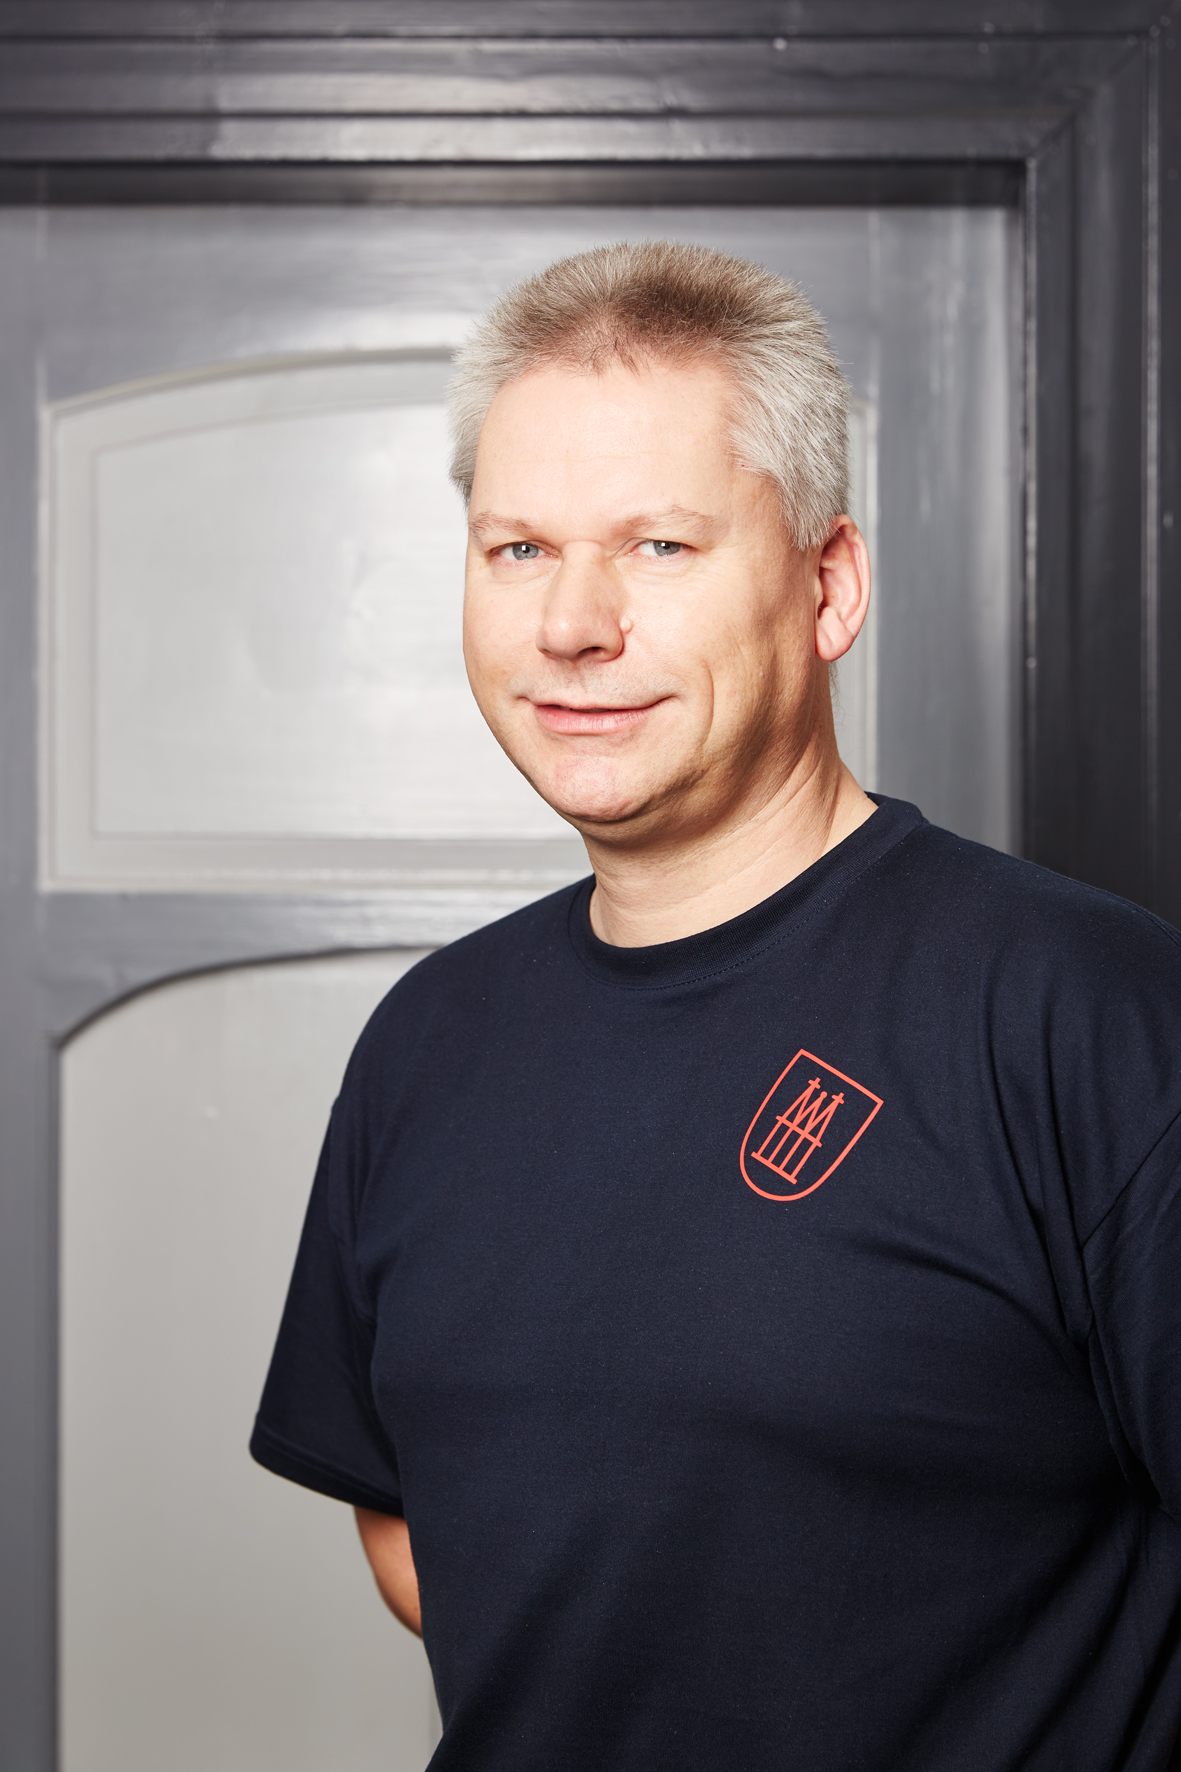 Dreiturm Scherenkontrolleur Knut Bender